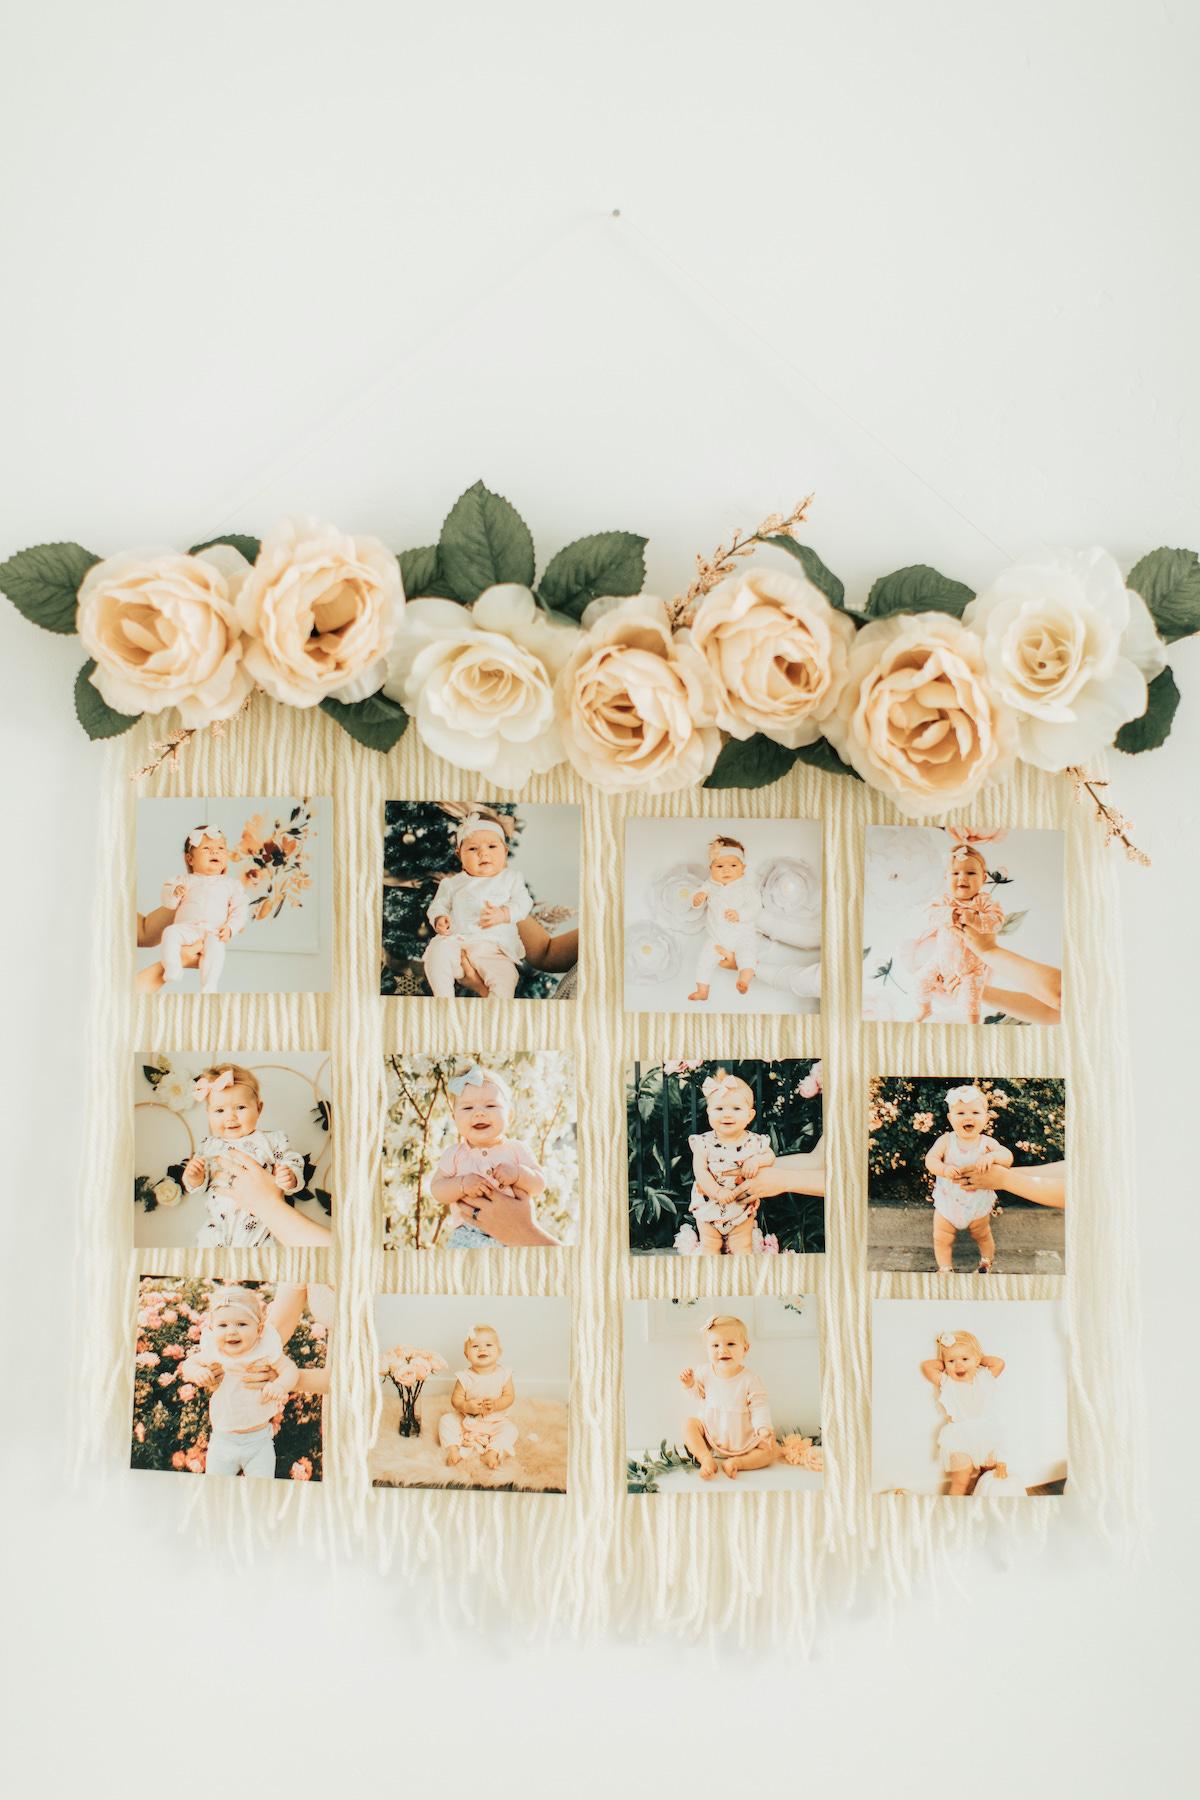 Floral yarn photo display on wall.